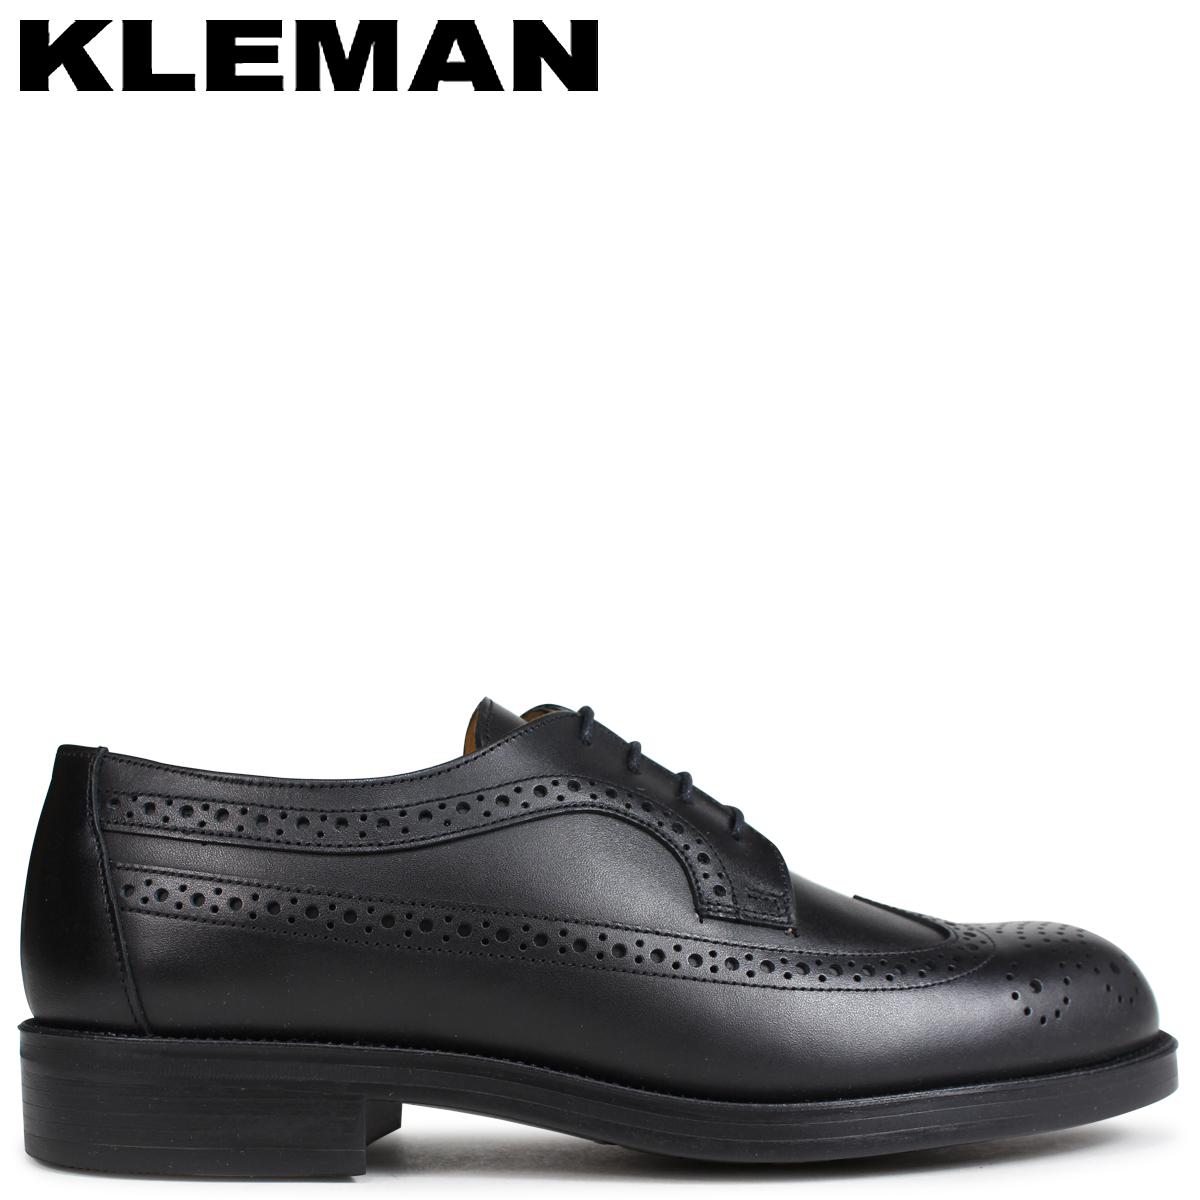 クレマン KLEMAN SUFOLO 靴 ウイングチップ シューズ メンズ WING TIP SHOES ブラック VA75102 [4/3 追加入荷]